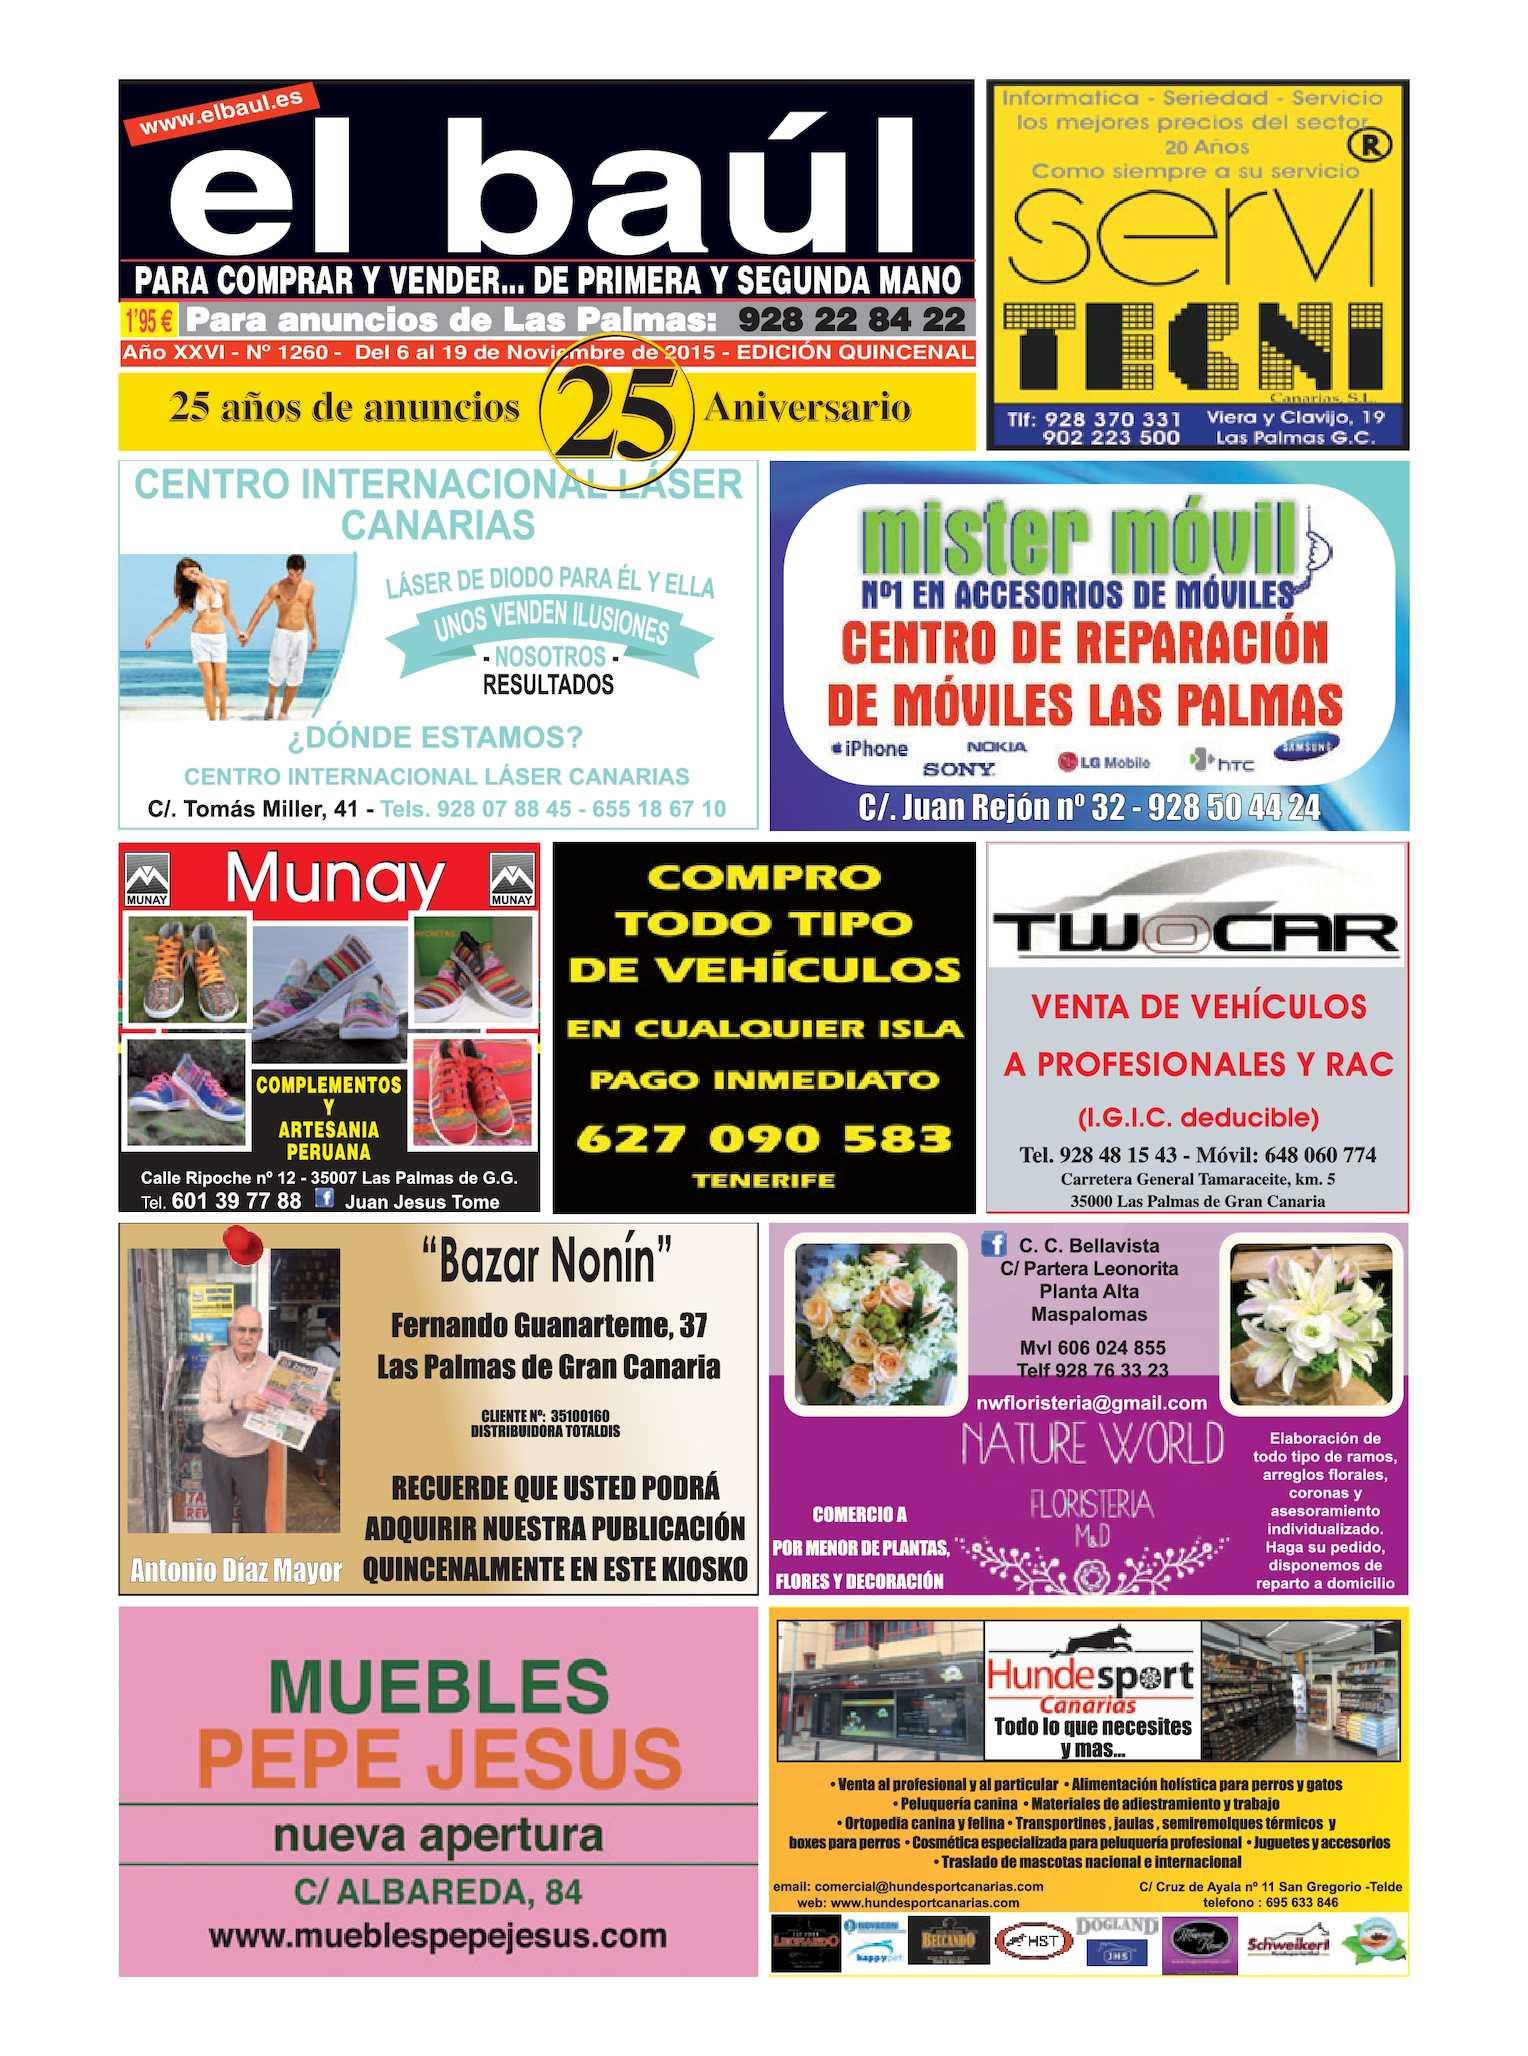 Calaméo - Periódico El Baúl segunda mano edición Las Palmas 73bfd7a191d